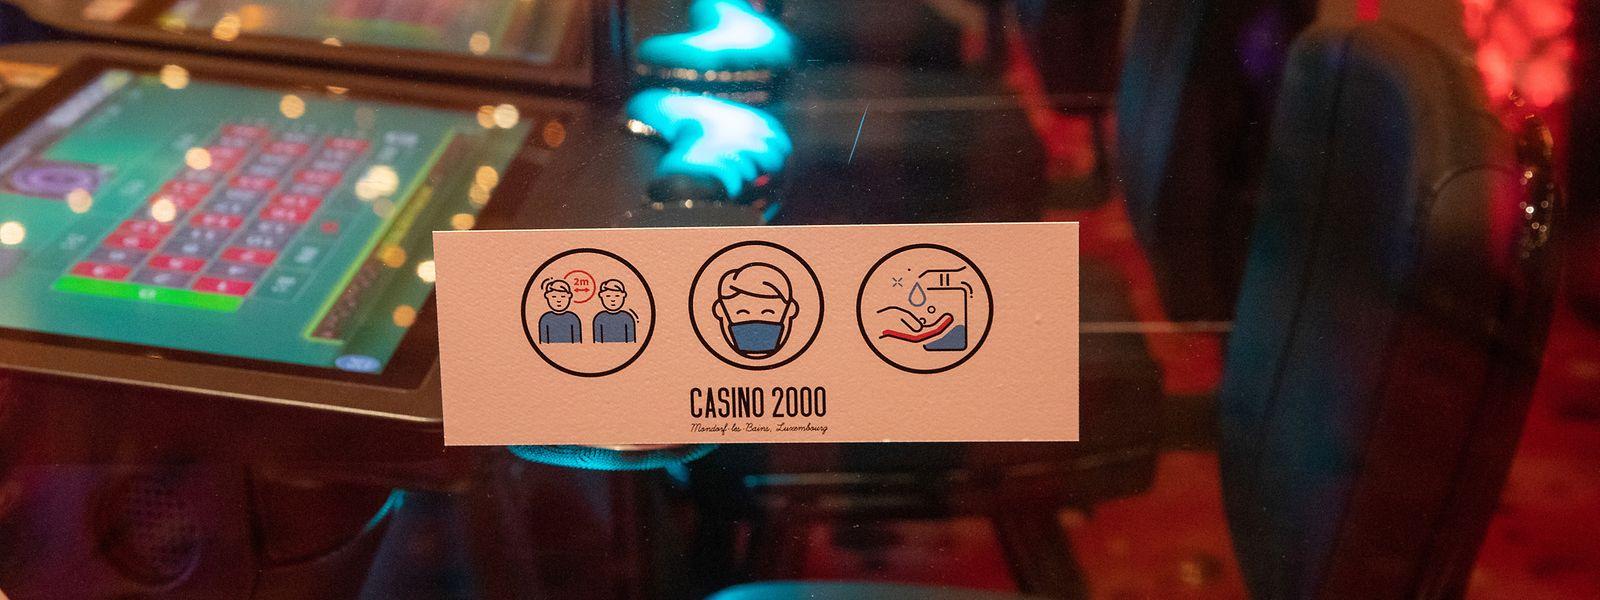 Habituellement, le casino accueille en moyenne 520.000 personnes par an.